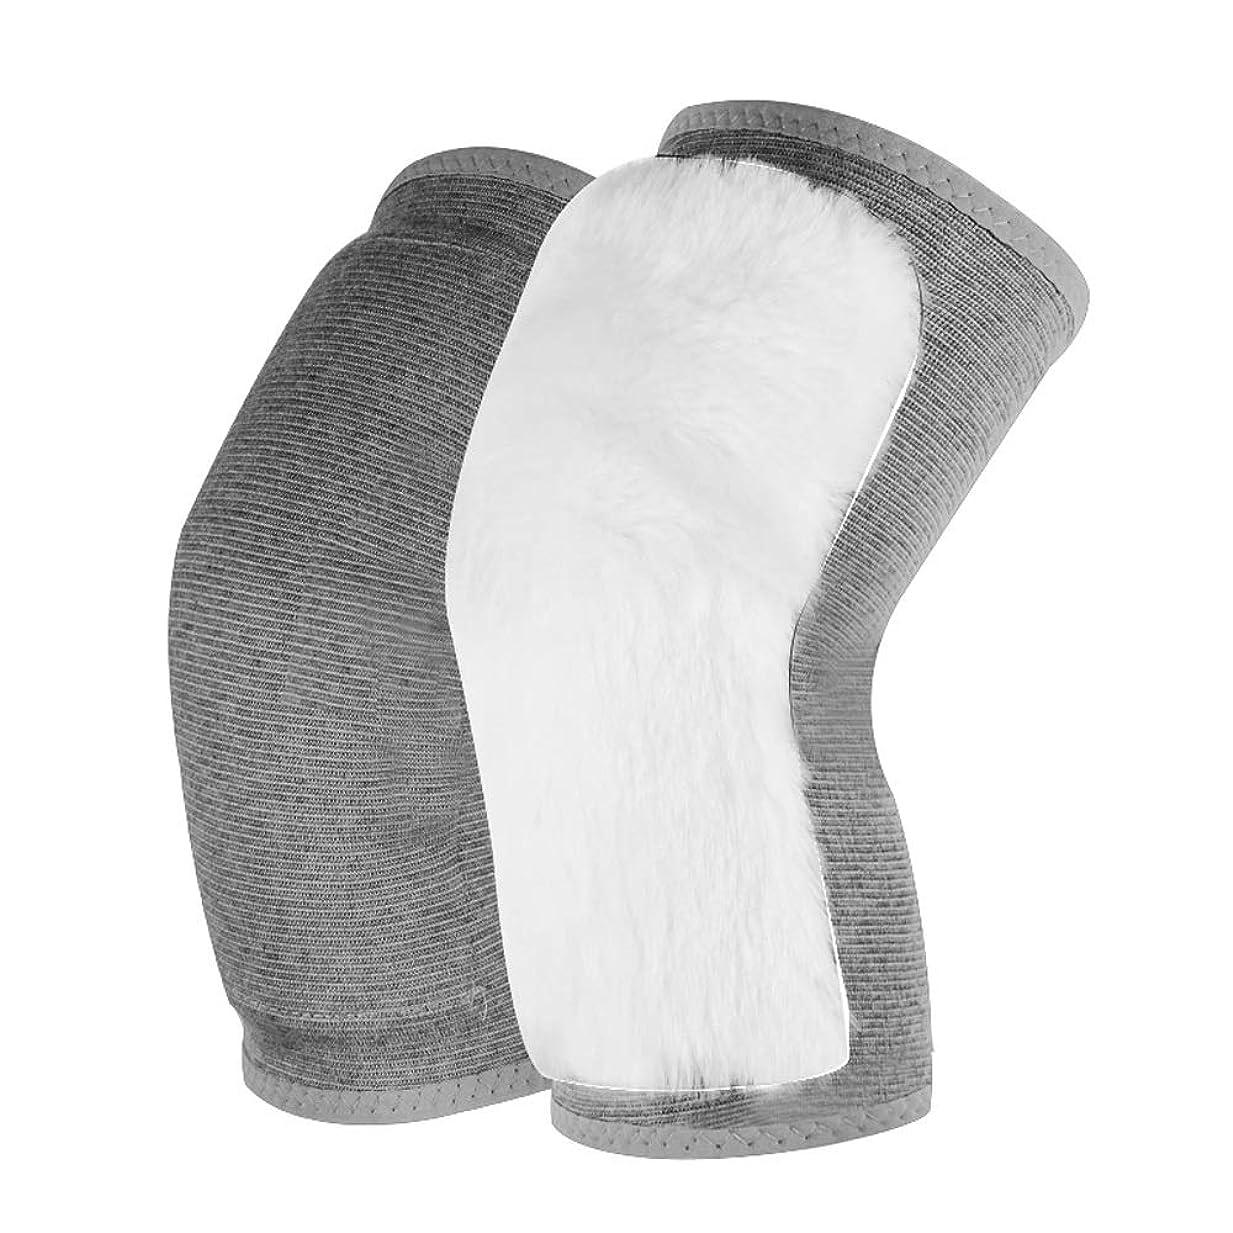 変わる内なる違うZXTウール統合された暖かい膝パッドのふたセット、秋と冬の男性と女性とベルベット防寒膝パッド